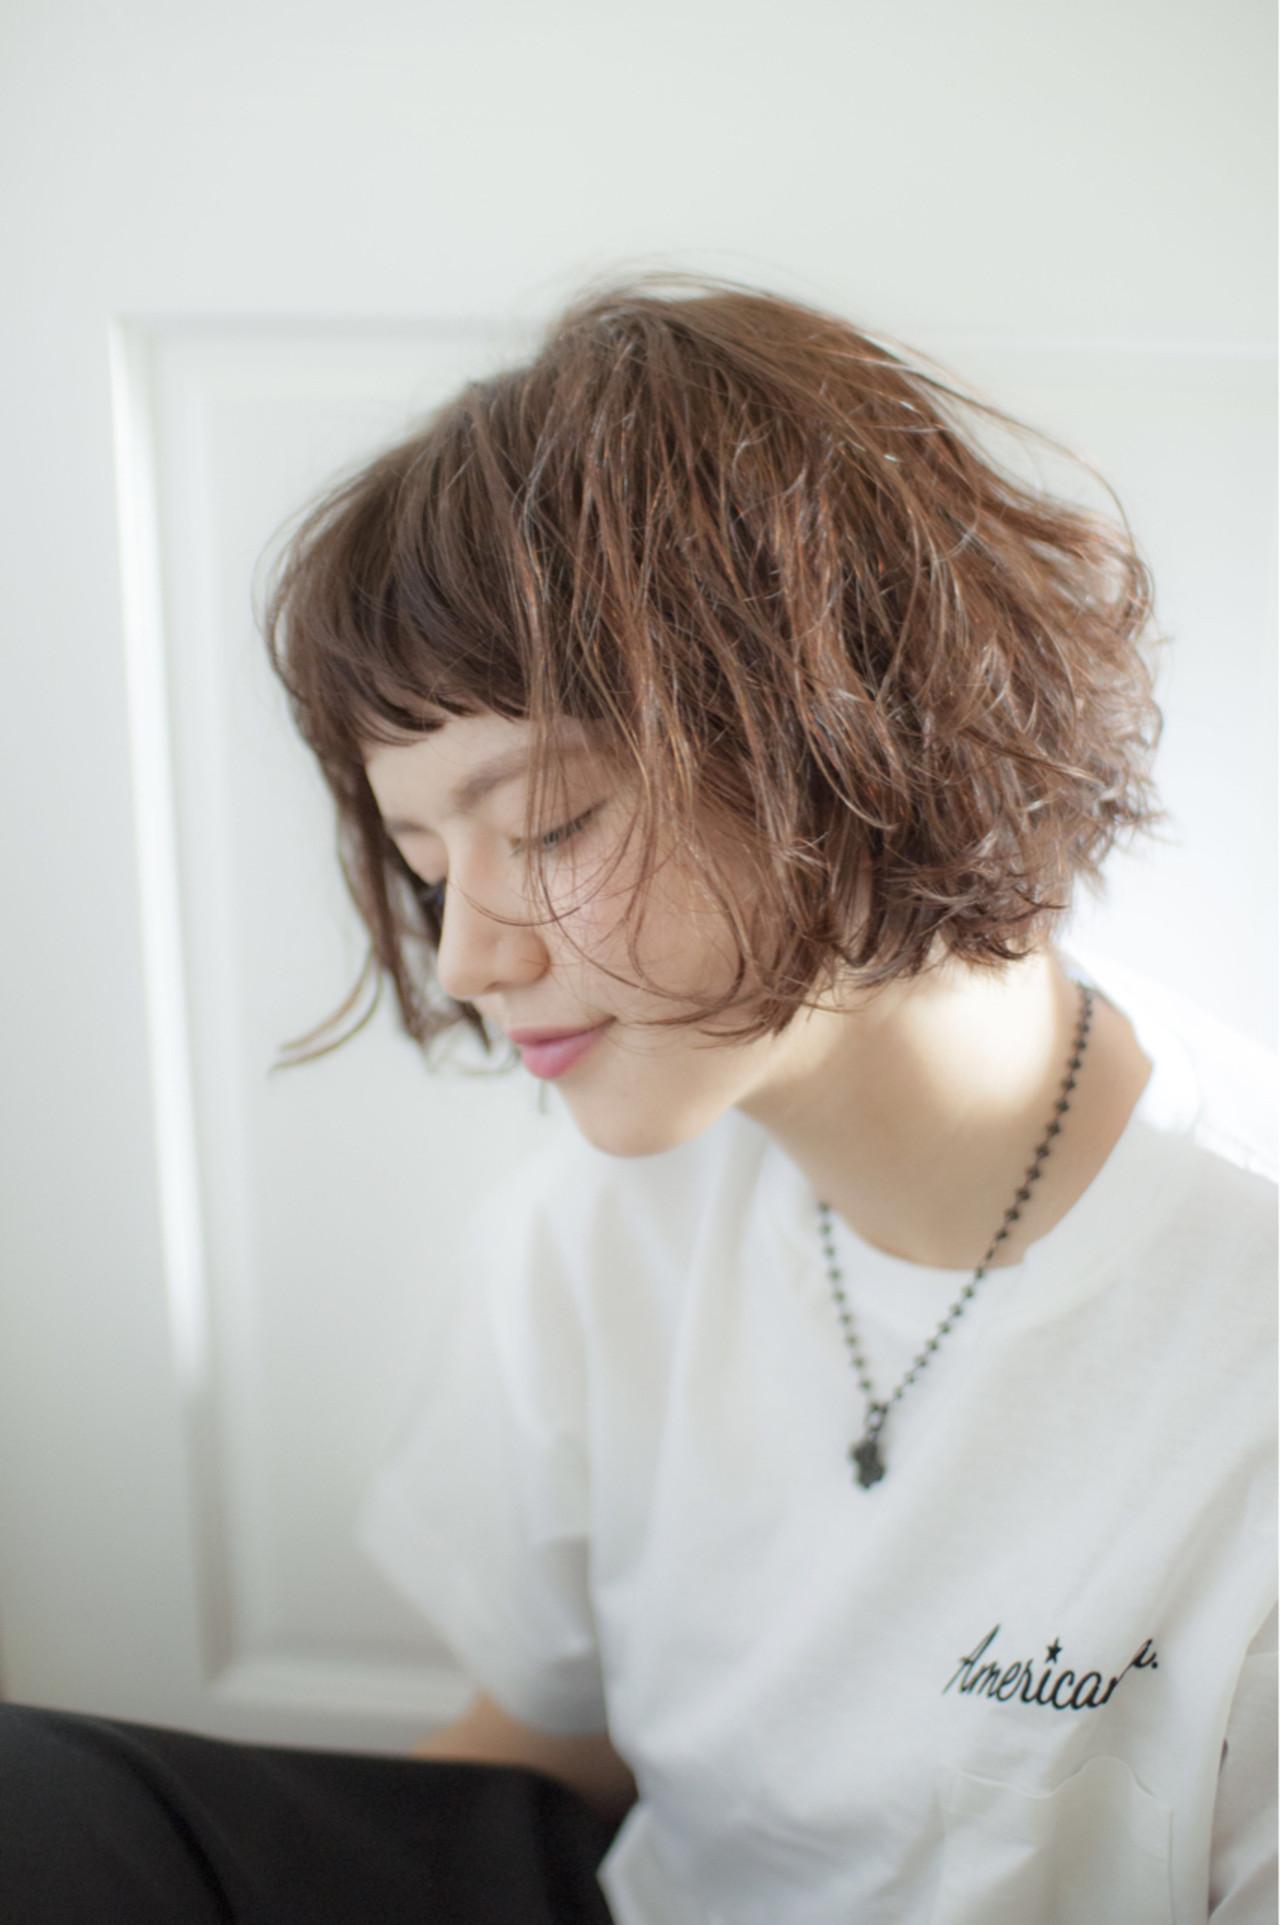 """「ダサい」から一転!新常識のトレンド""""おかっぱボブ"""" YUKINA / HOMIE TOKYO"""